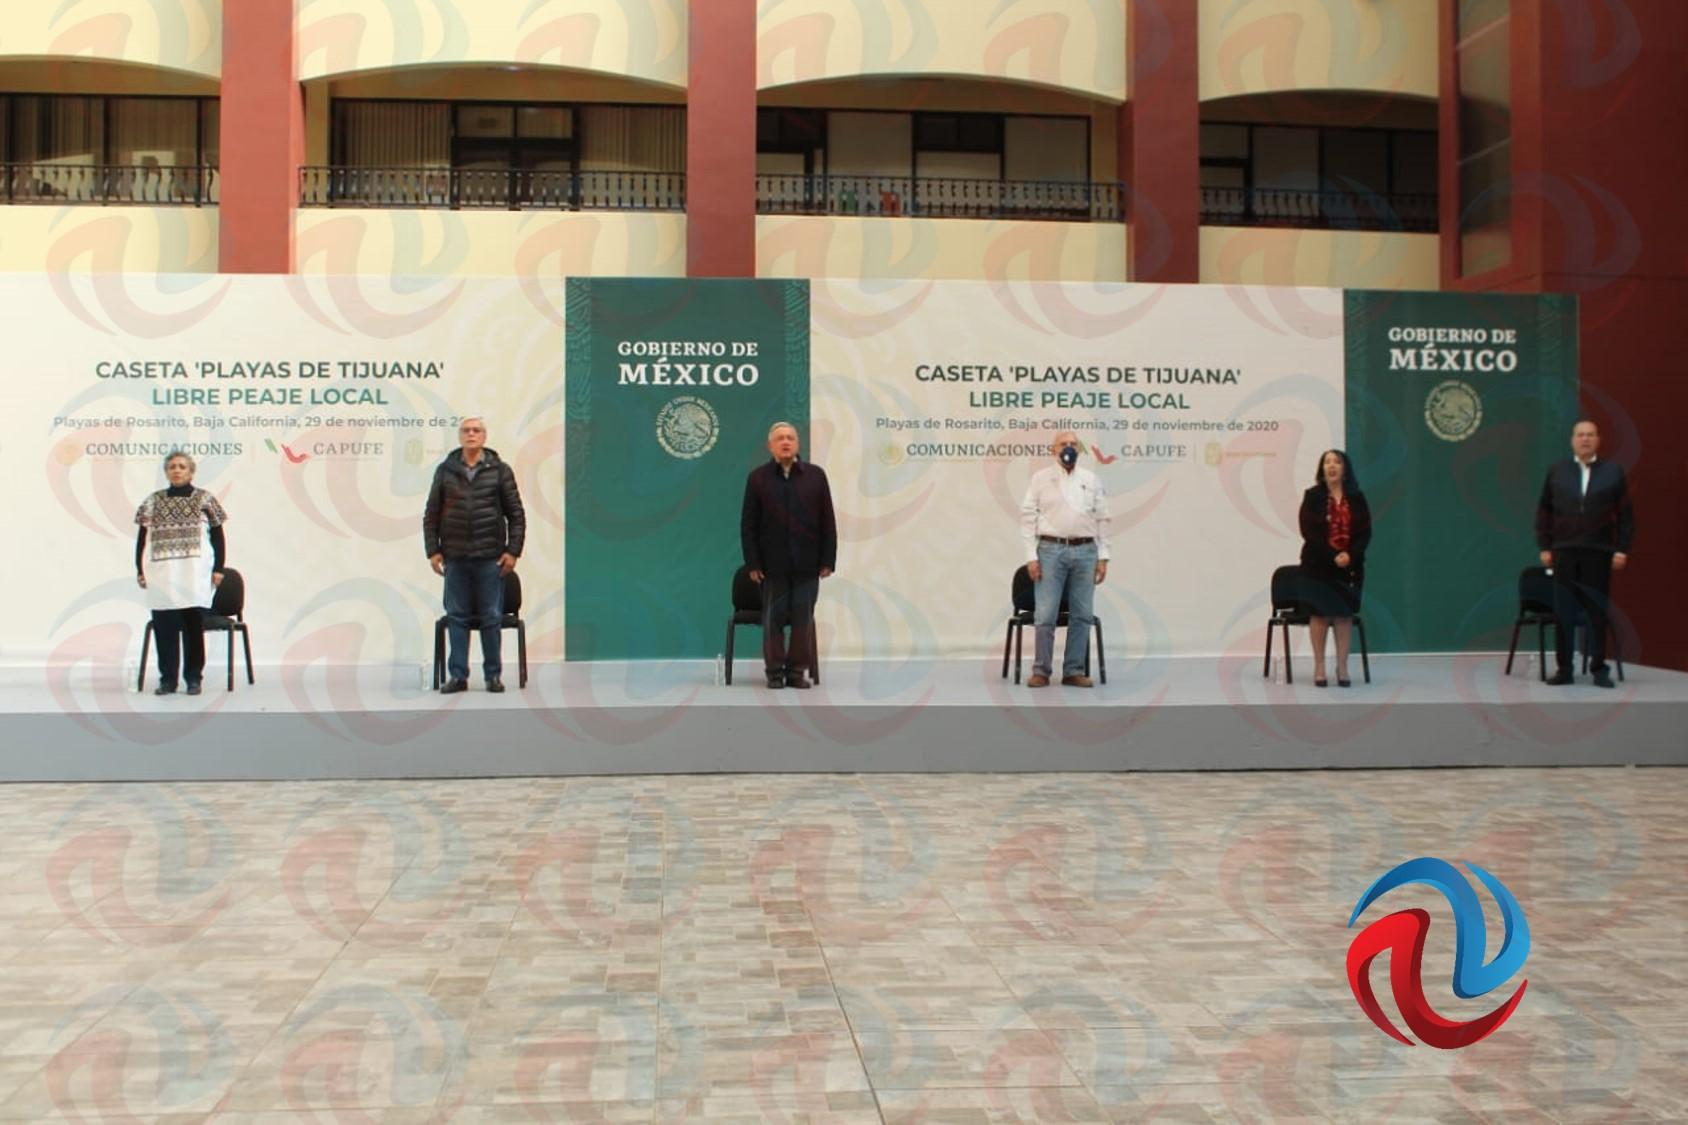 La visita de López Obrador en pocas palabras